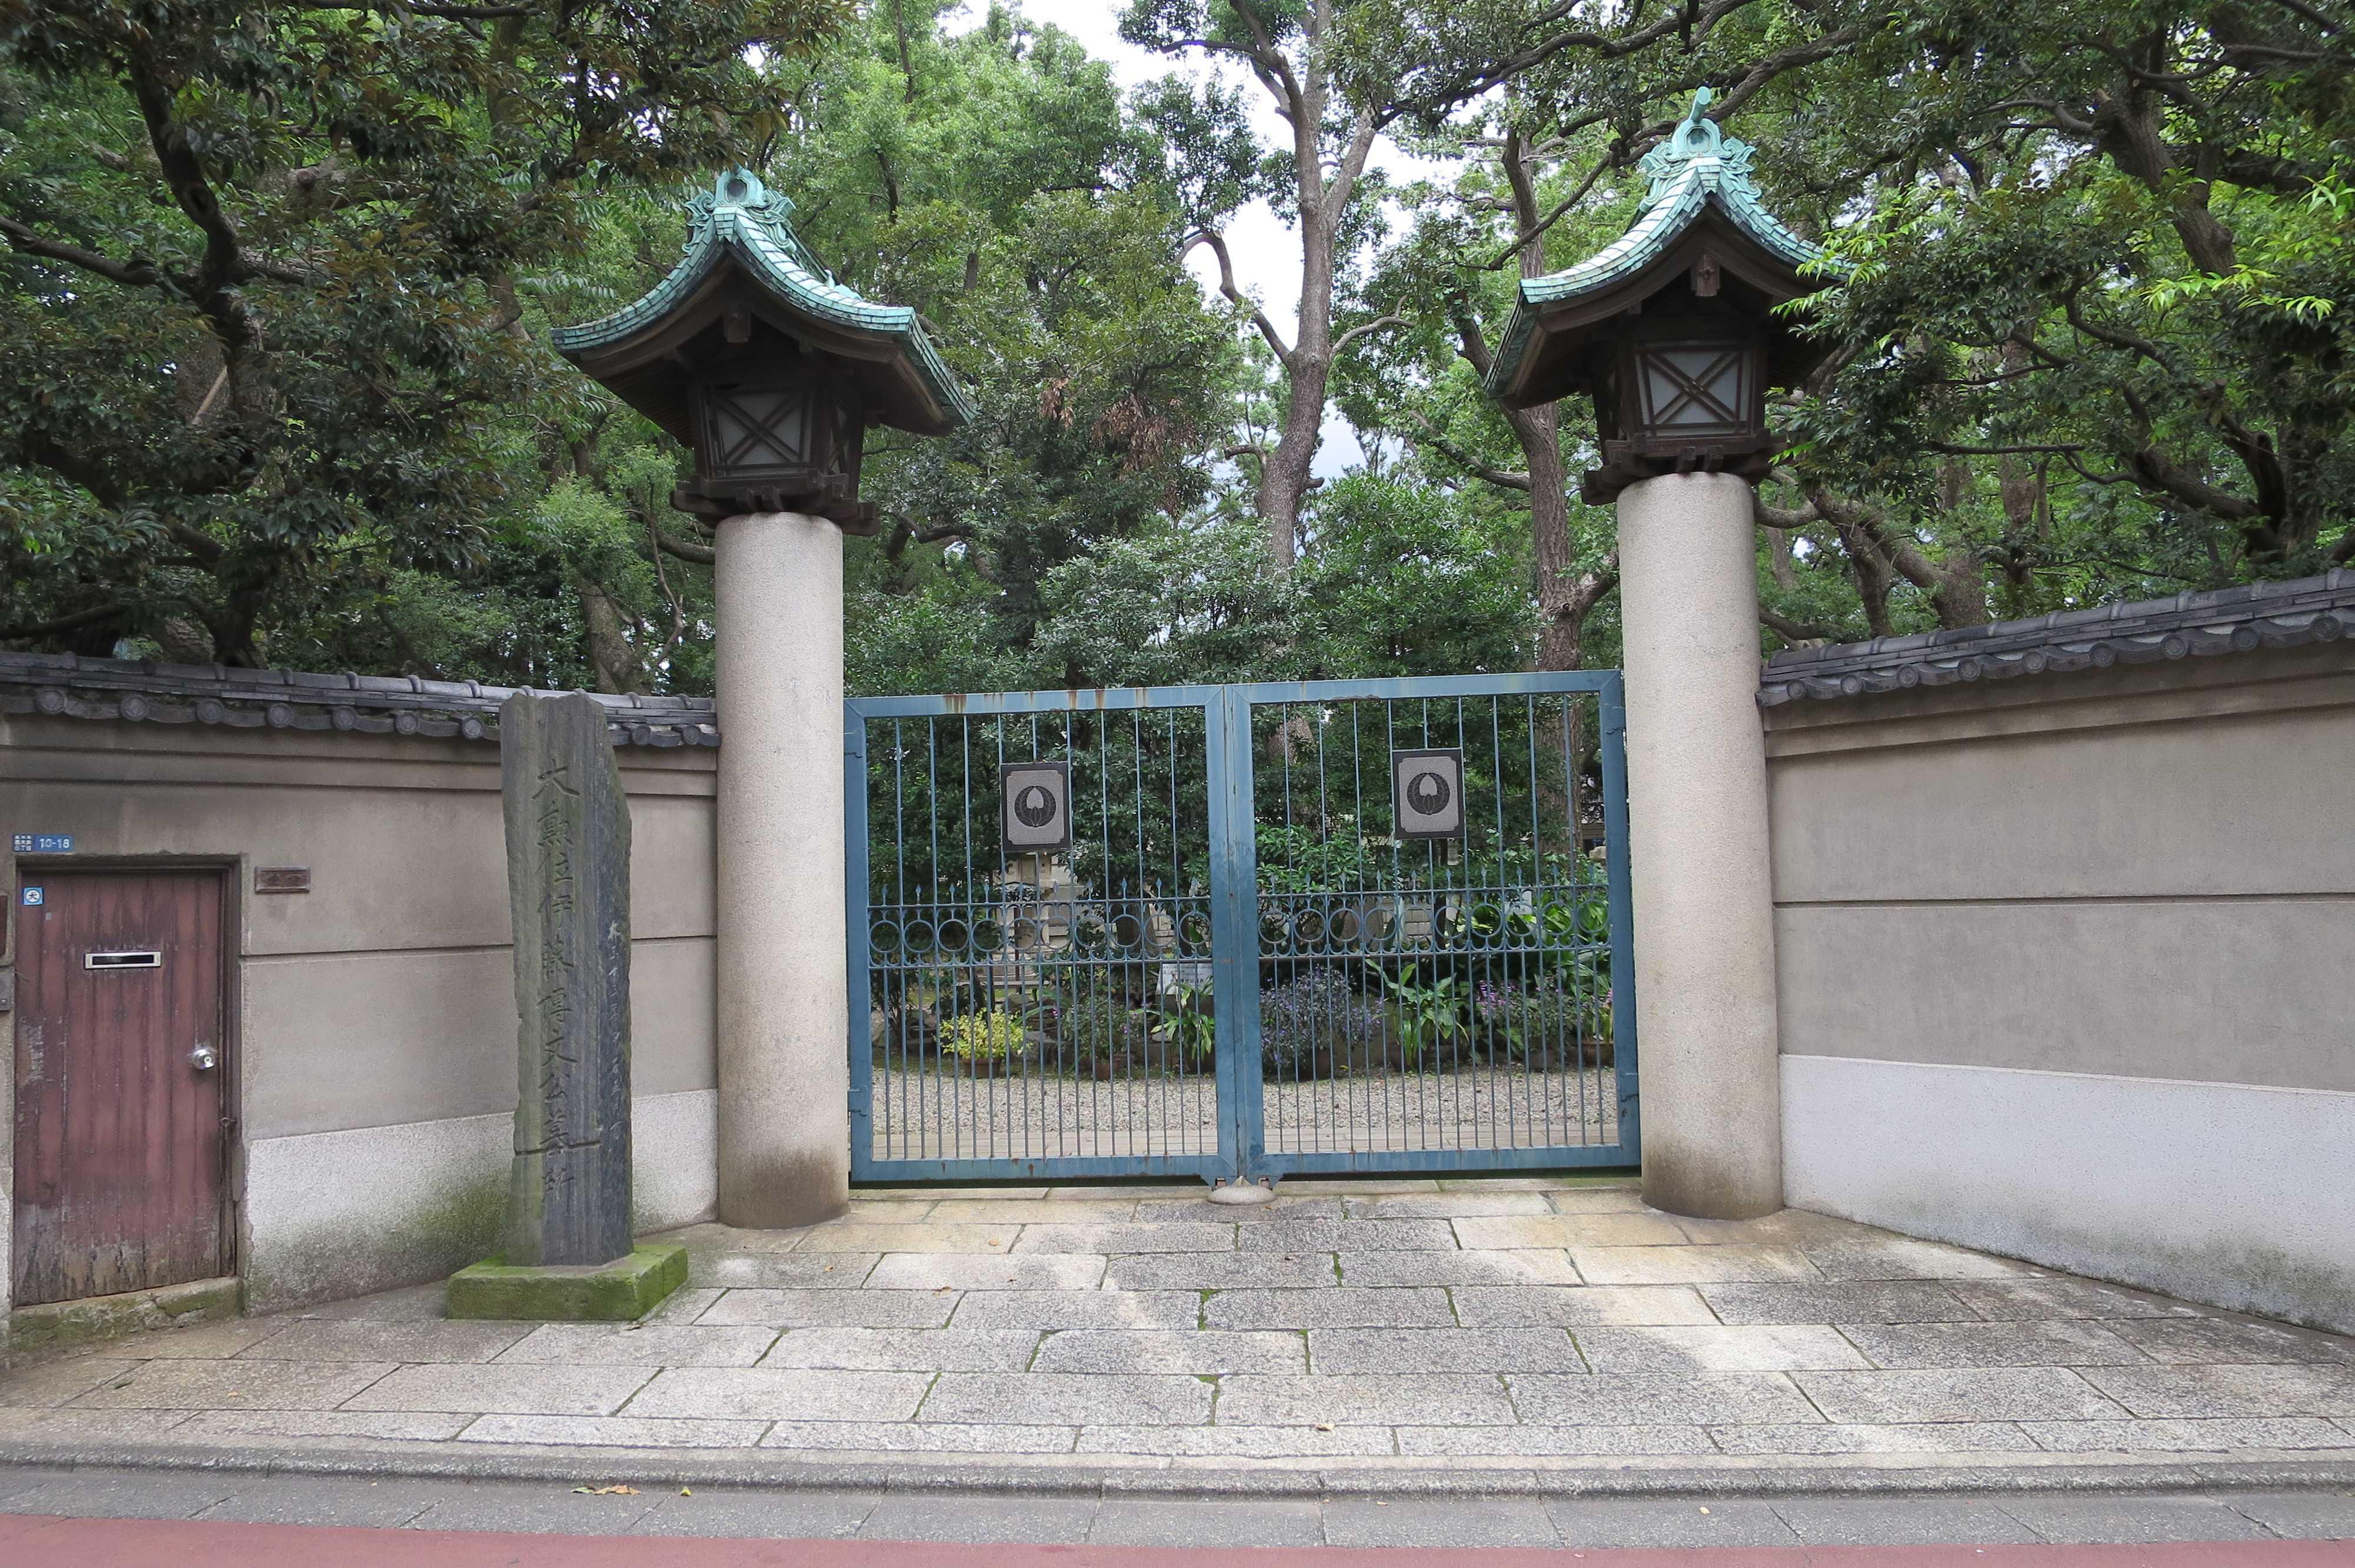 伊藤博文公墓所の門 - 東京都品川区